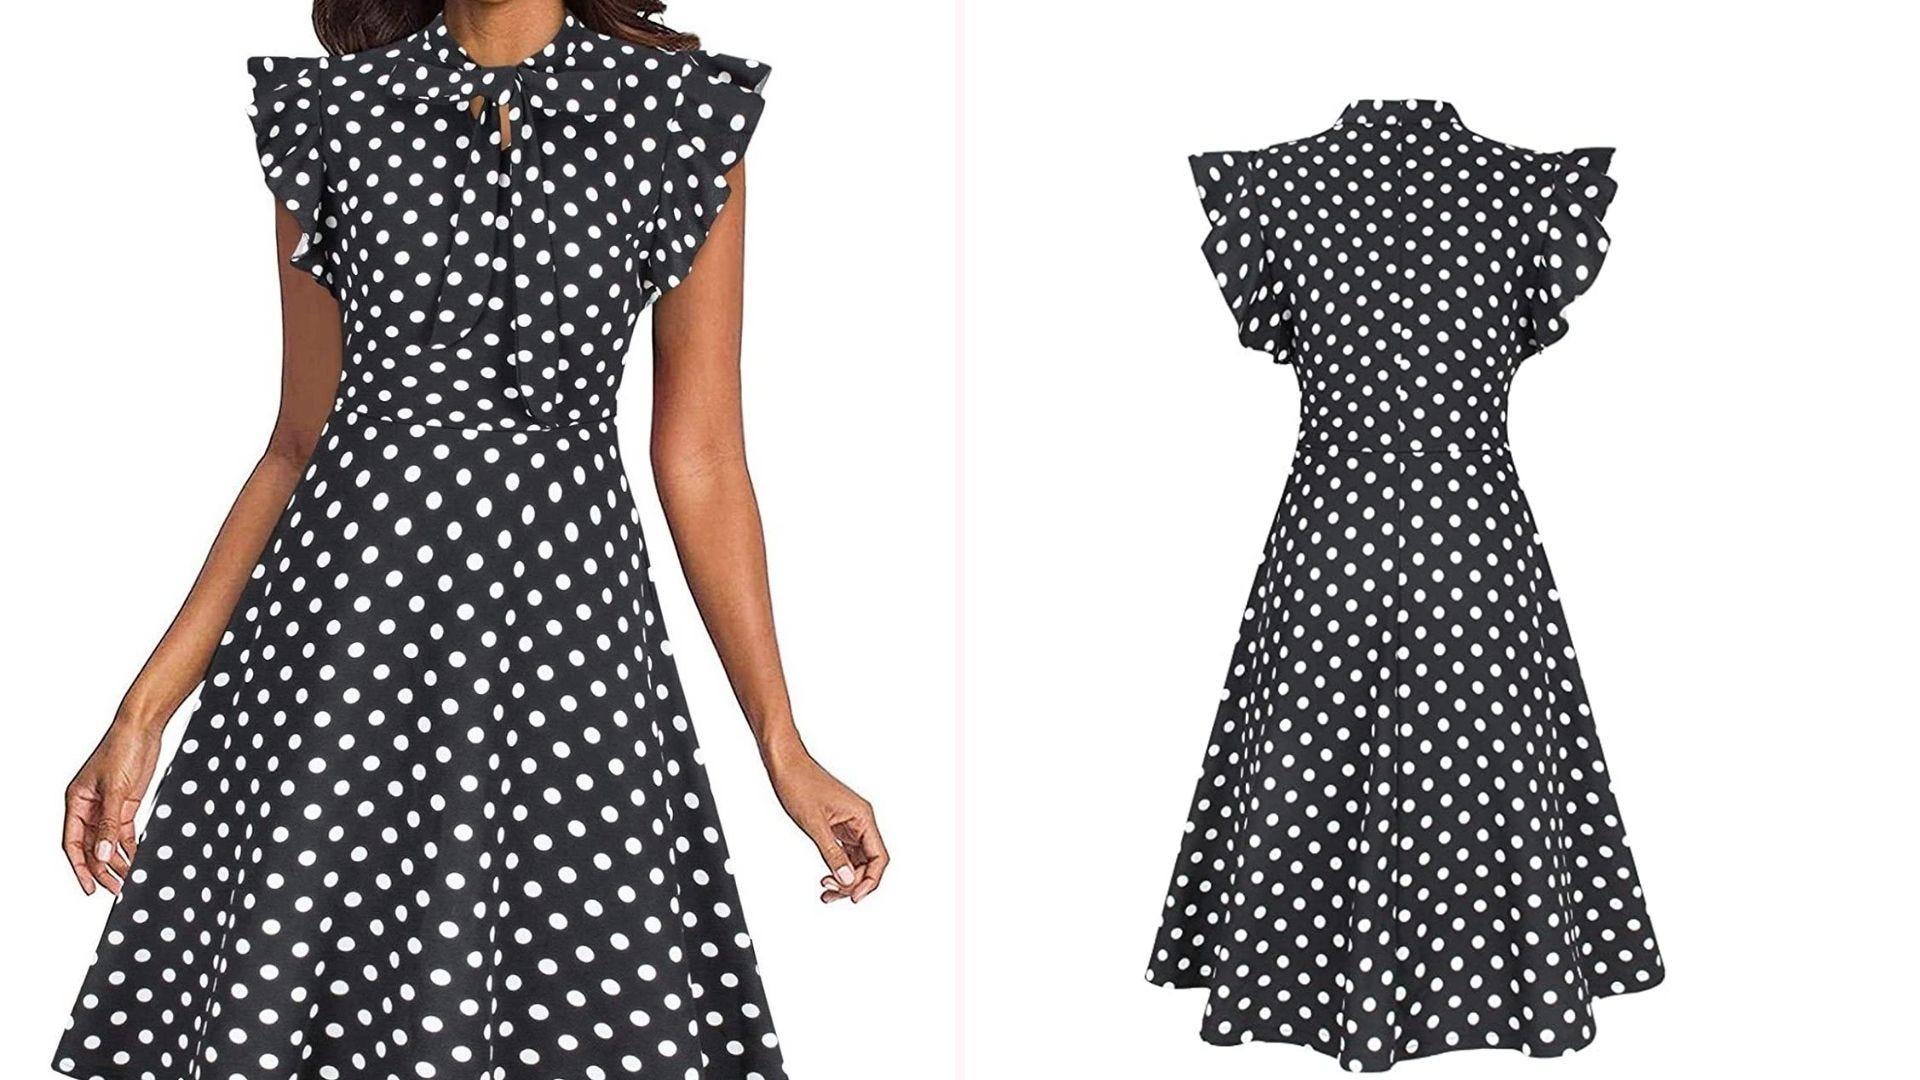 A woman wearing a black and white polka dot dress